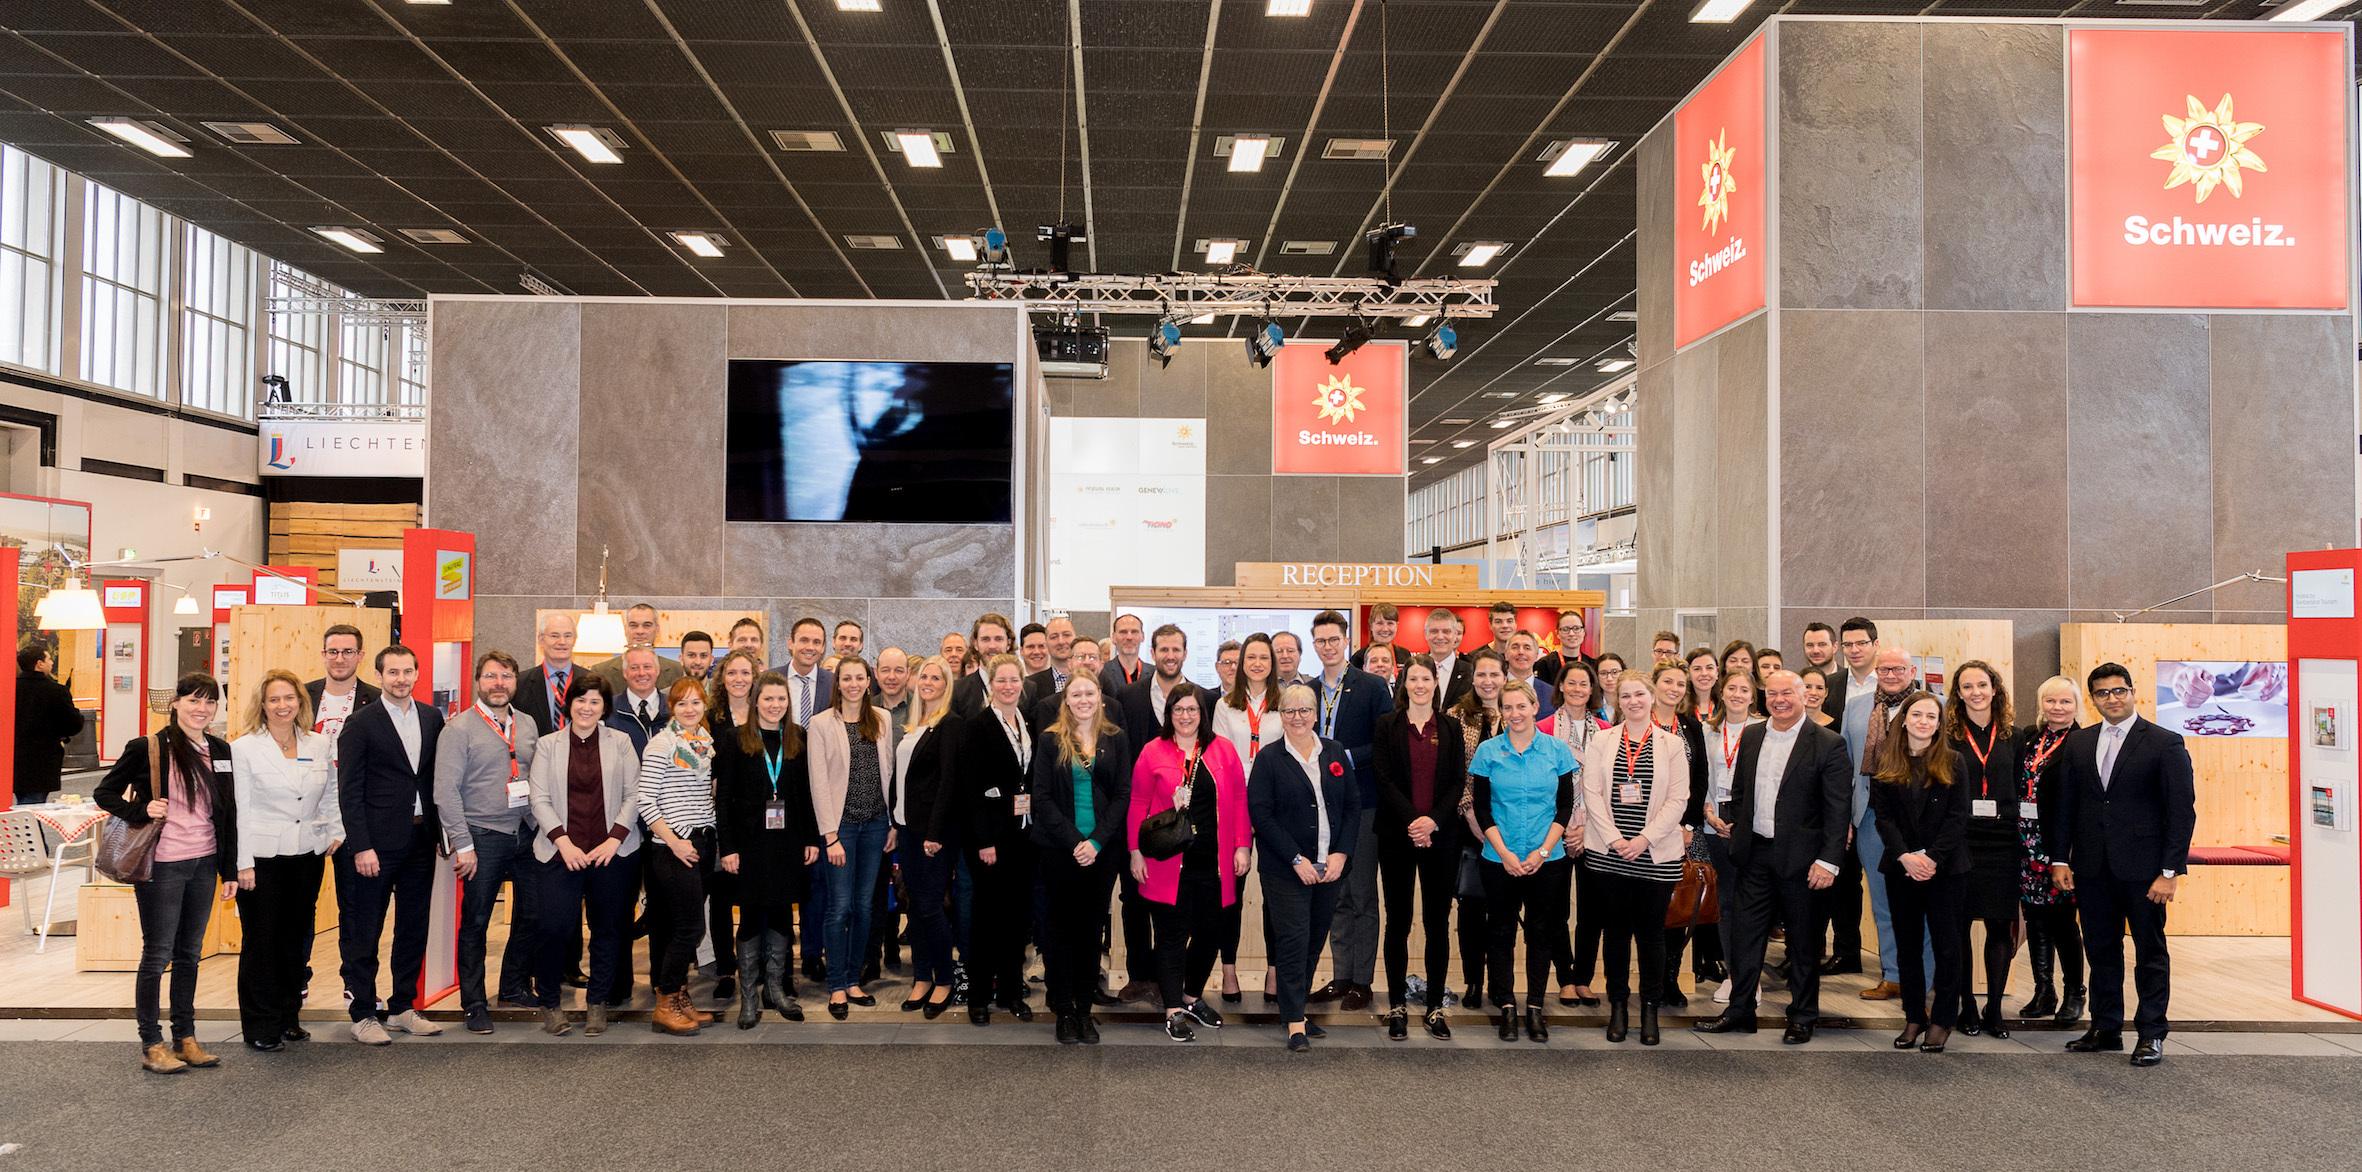 Engadin St. Moritz zu Gast auf der ITB Berlin Slide 1